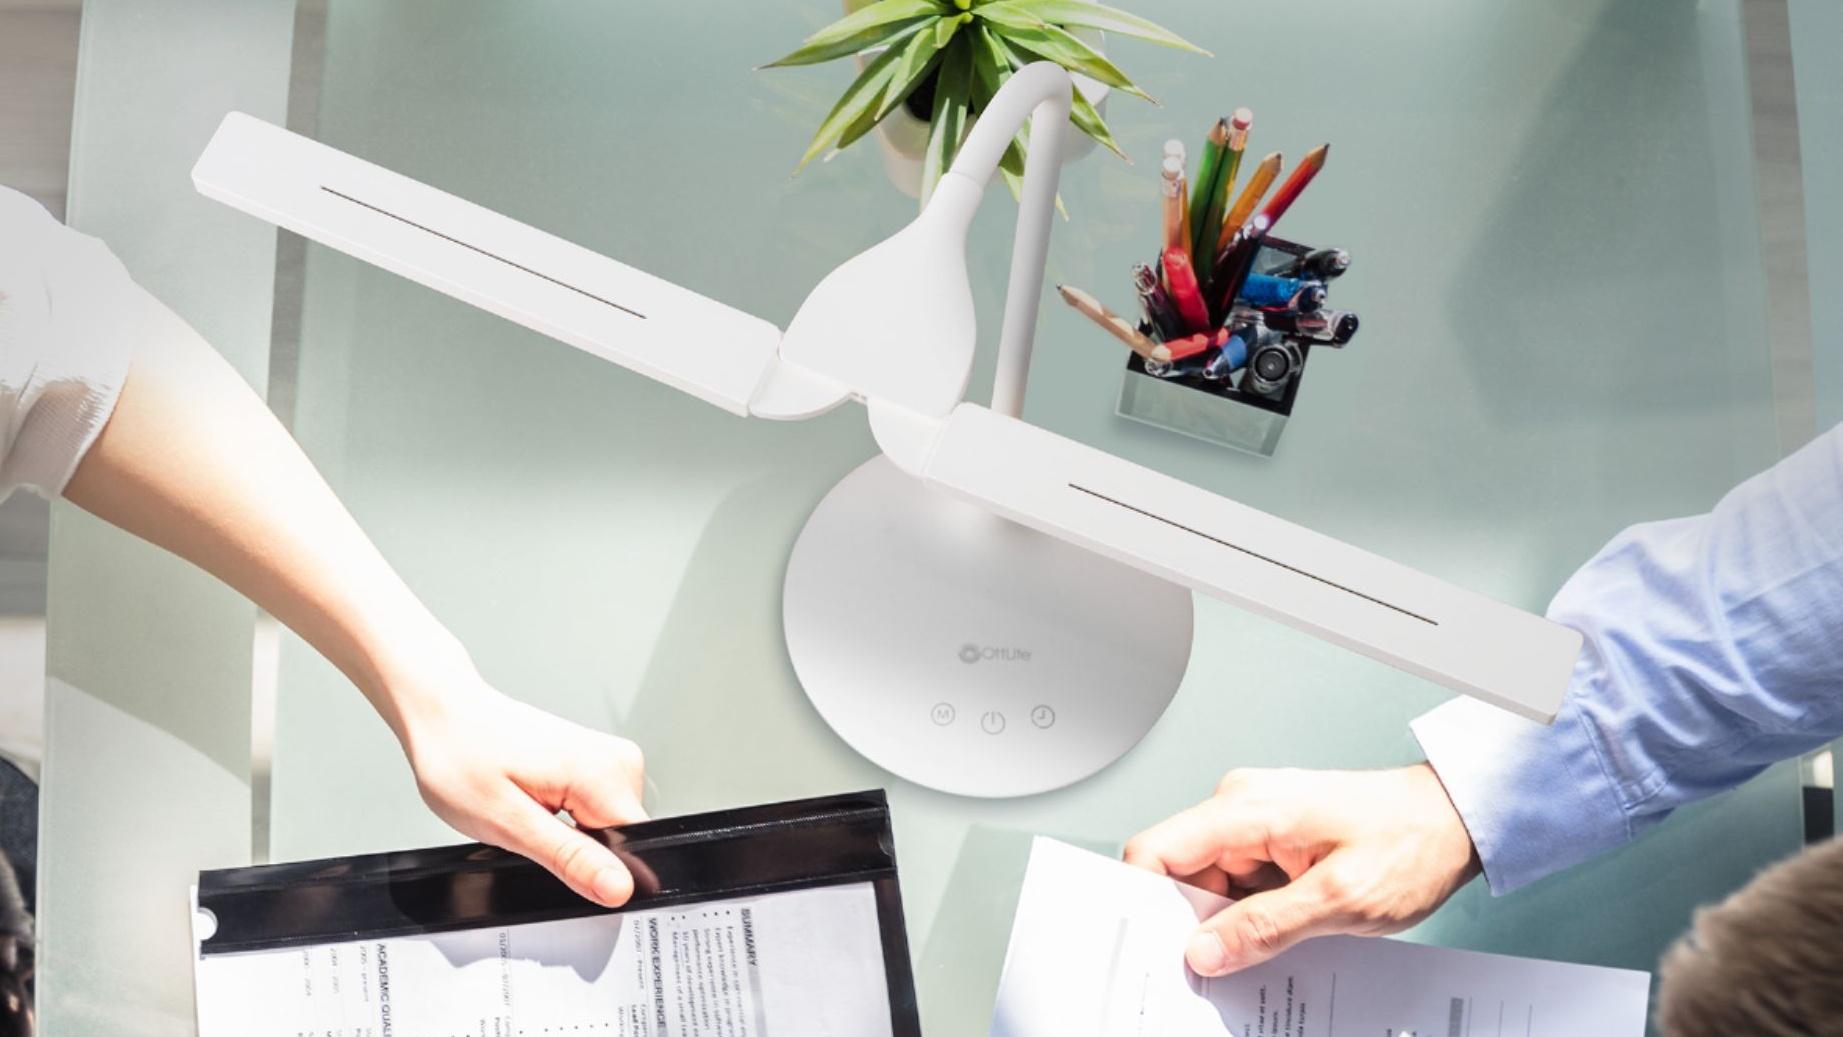 Best desk lamps: OttLite Dual-Shade LED Desk Lamp